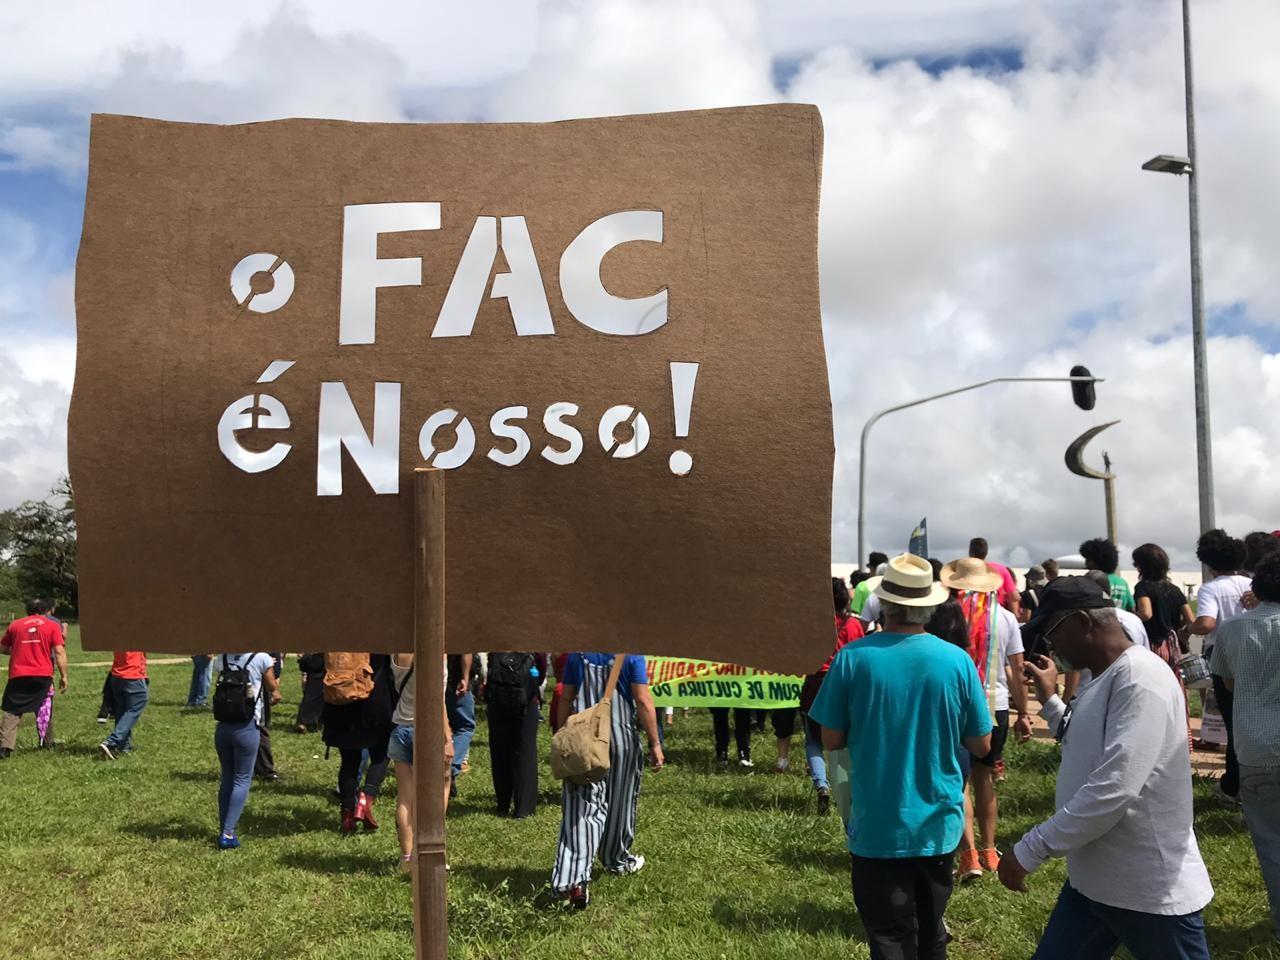 Prêmios FAC: GDF divulga lista de 500 projetos culturais contemplados; benefício é de R$ 4 mil